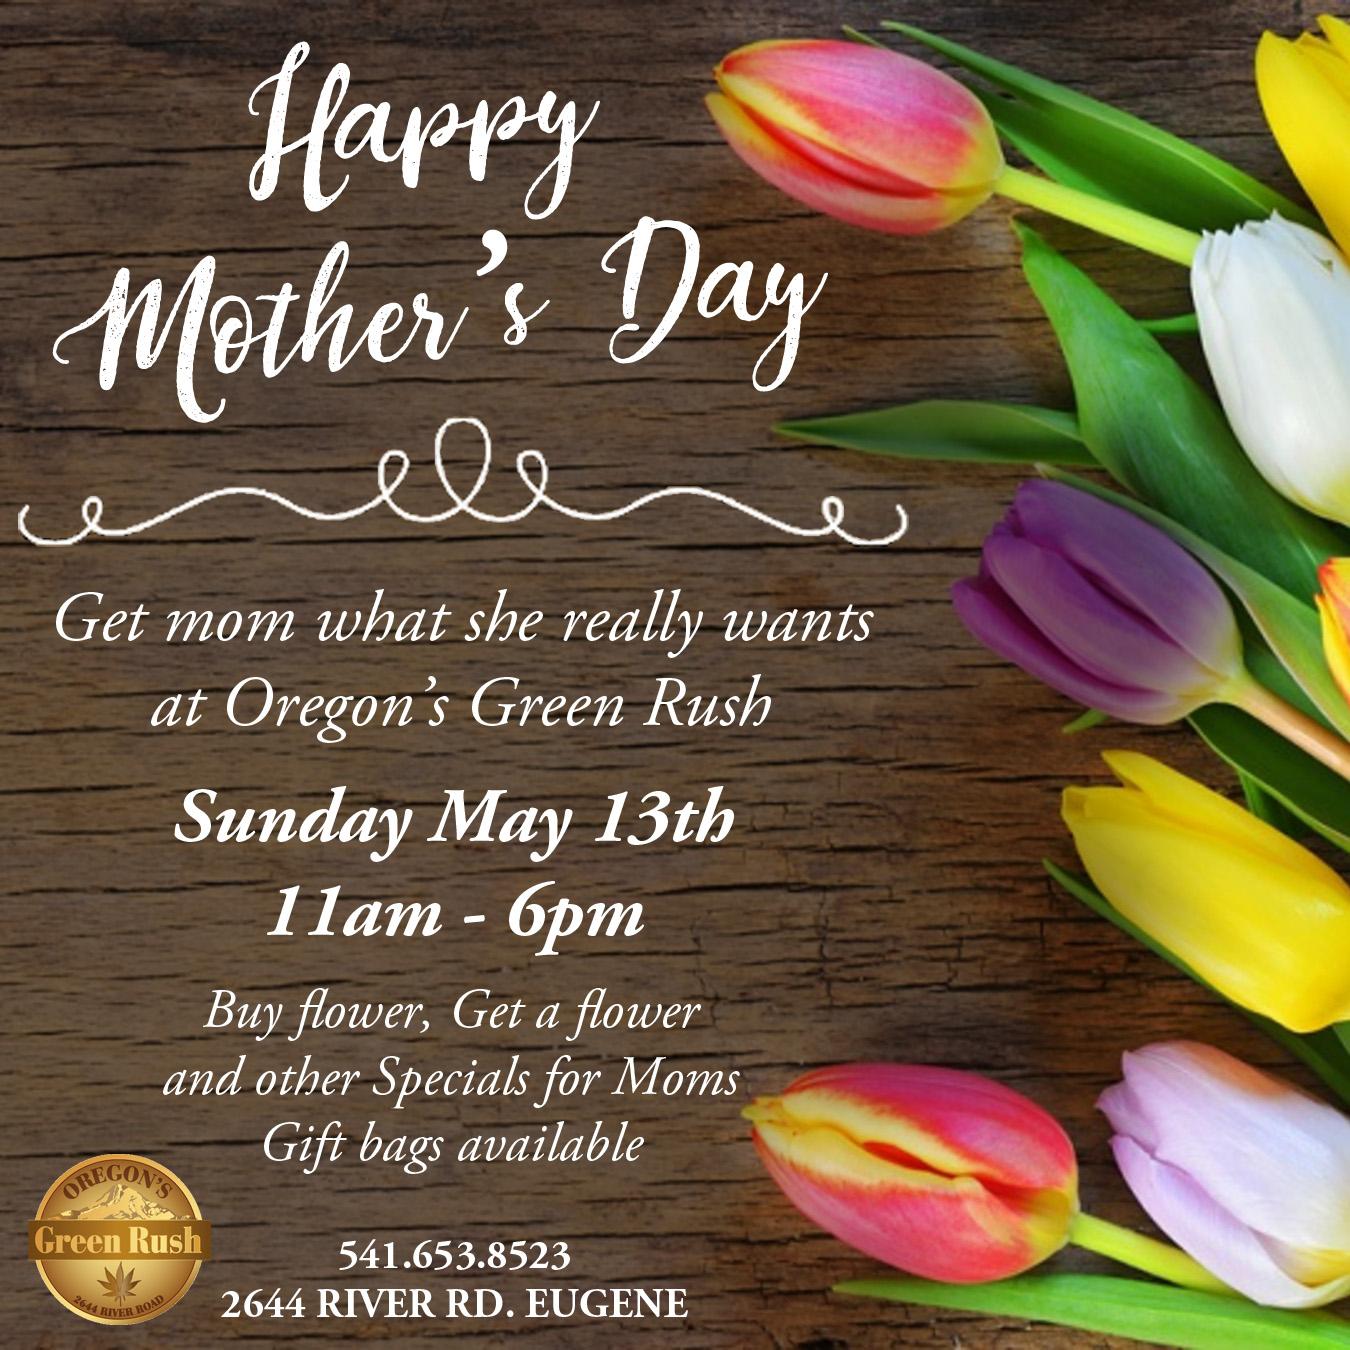 OGR Facebook Post (Mother's Day)